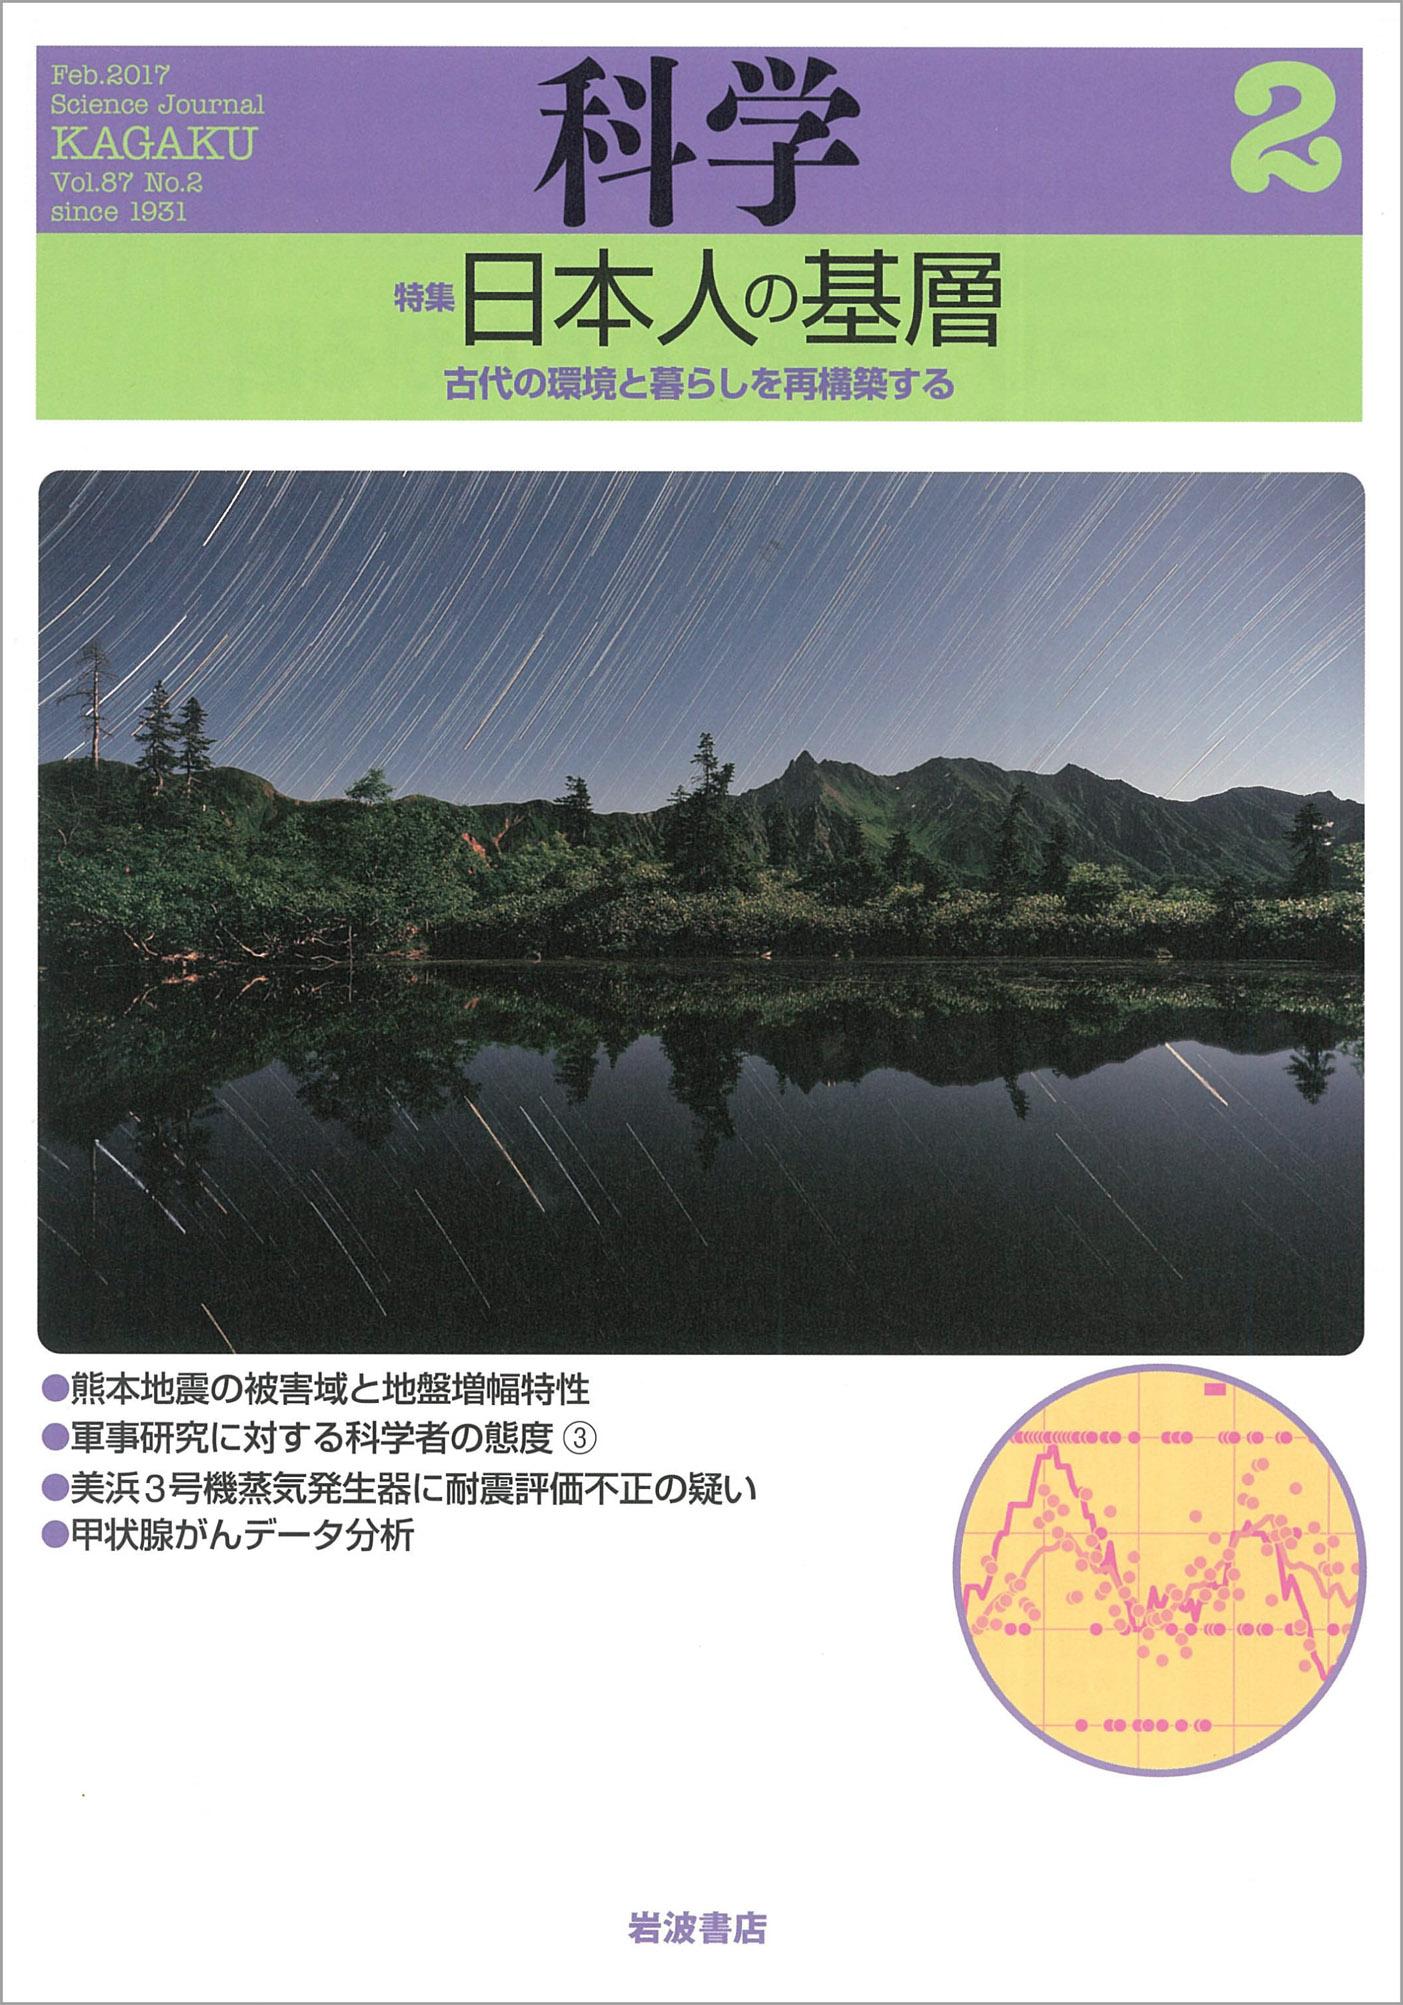 岩波書店「化学」2017年2月号